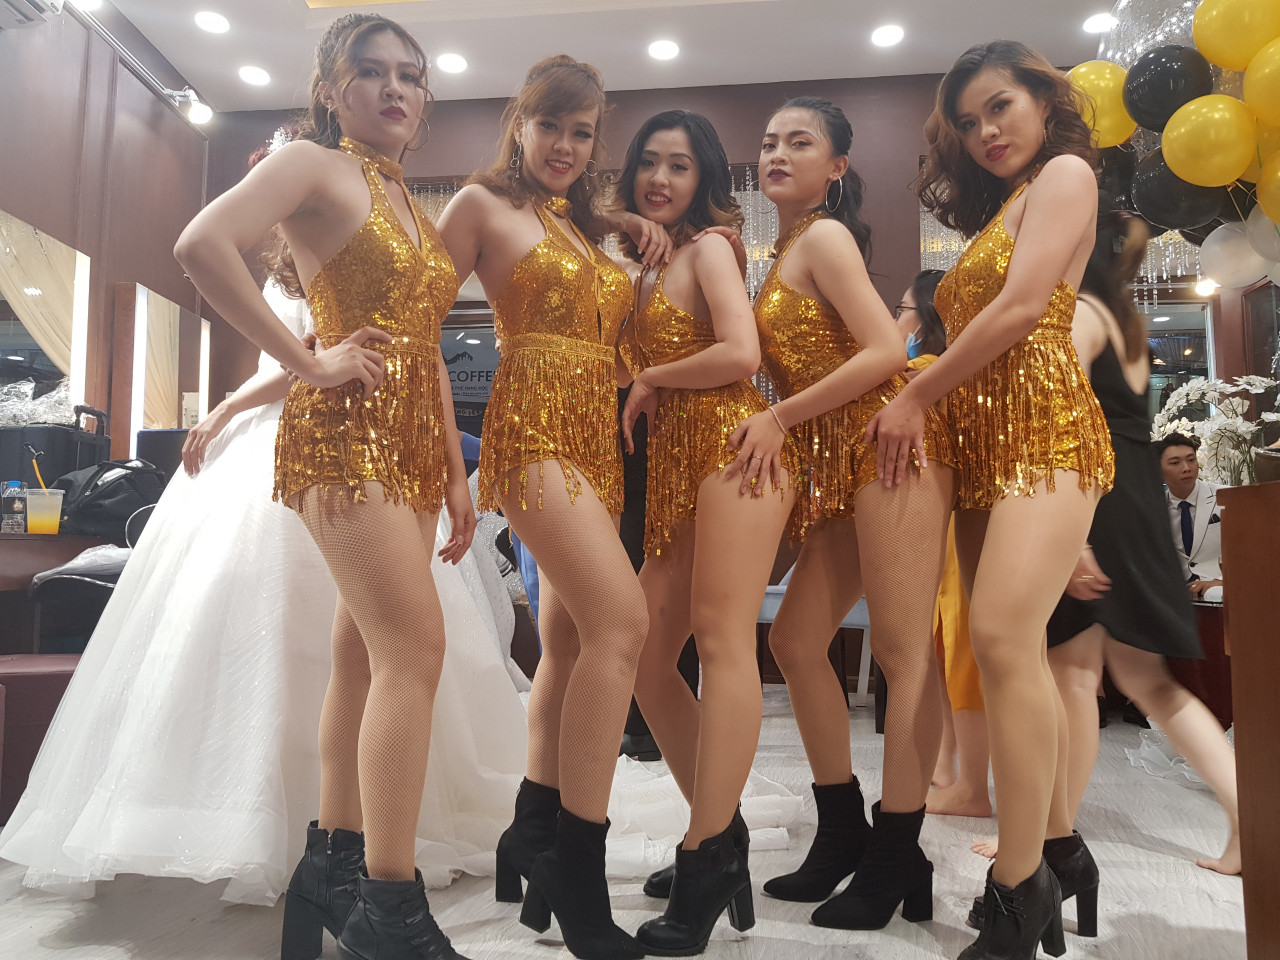 Sexy dance, nhảy sexy, nhóm nhảy sexy